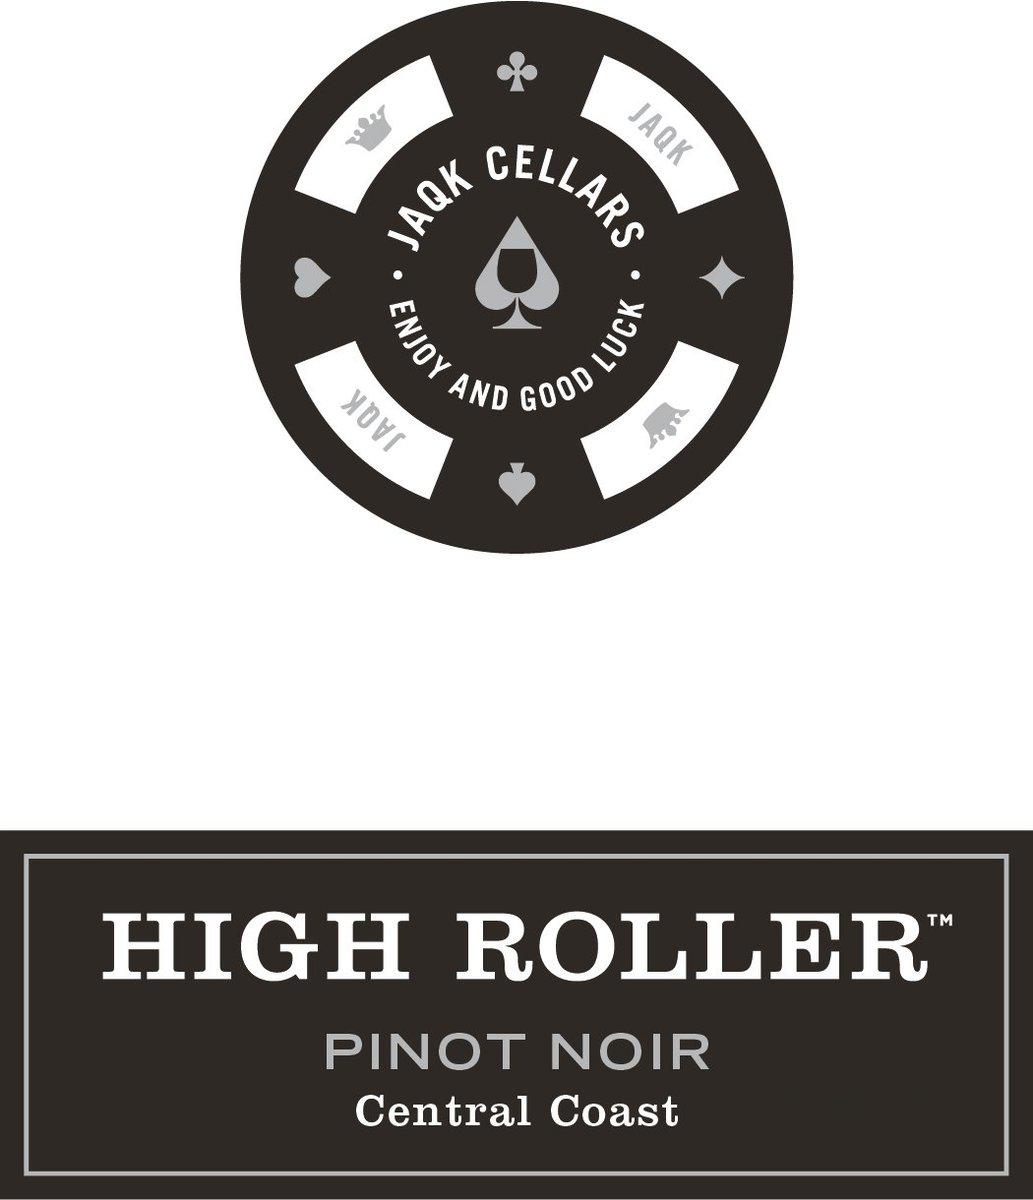 Jaqk Cellars High Roller Pinot Noir Central Coast 2018